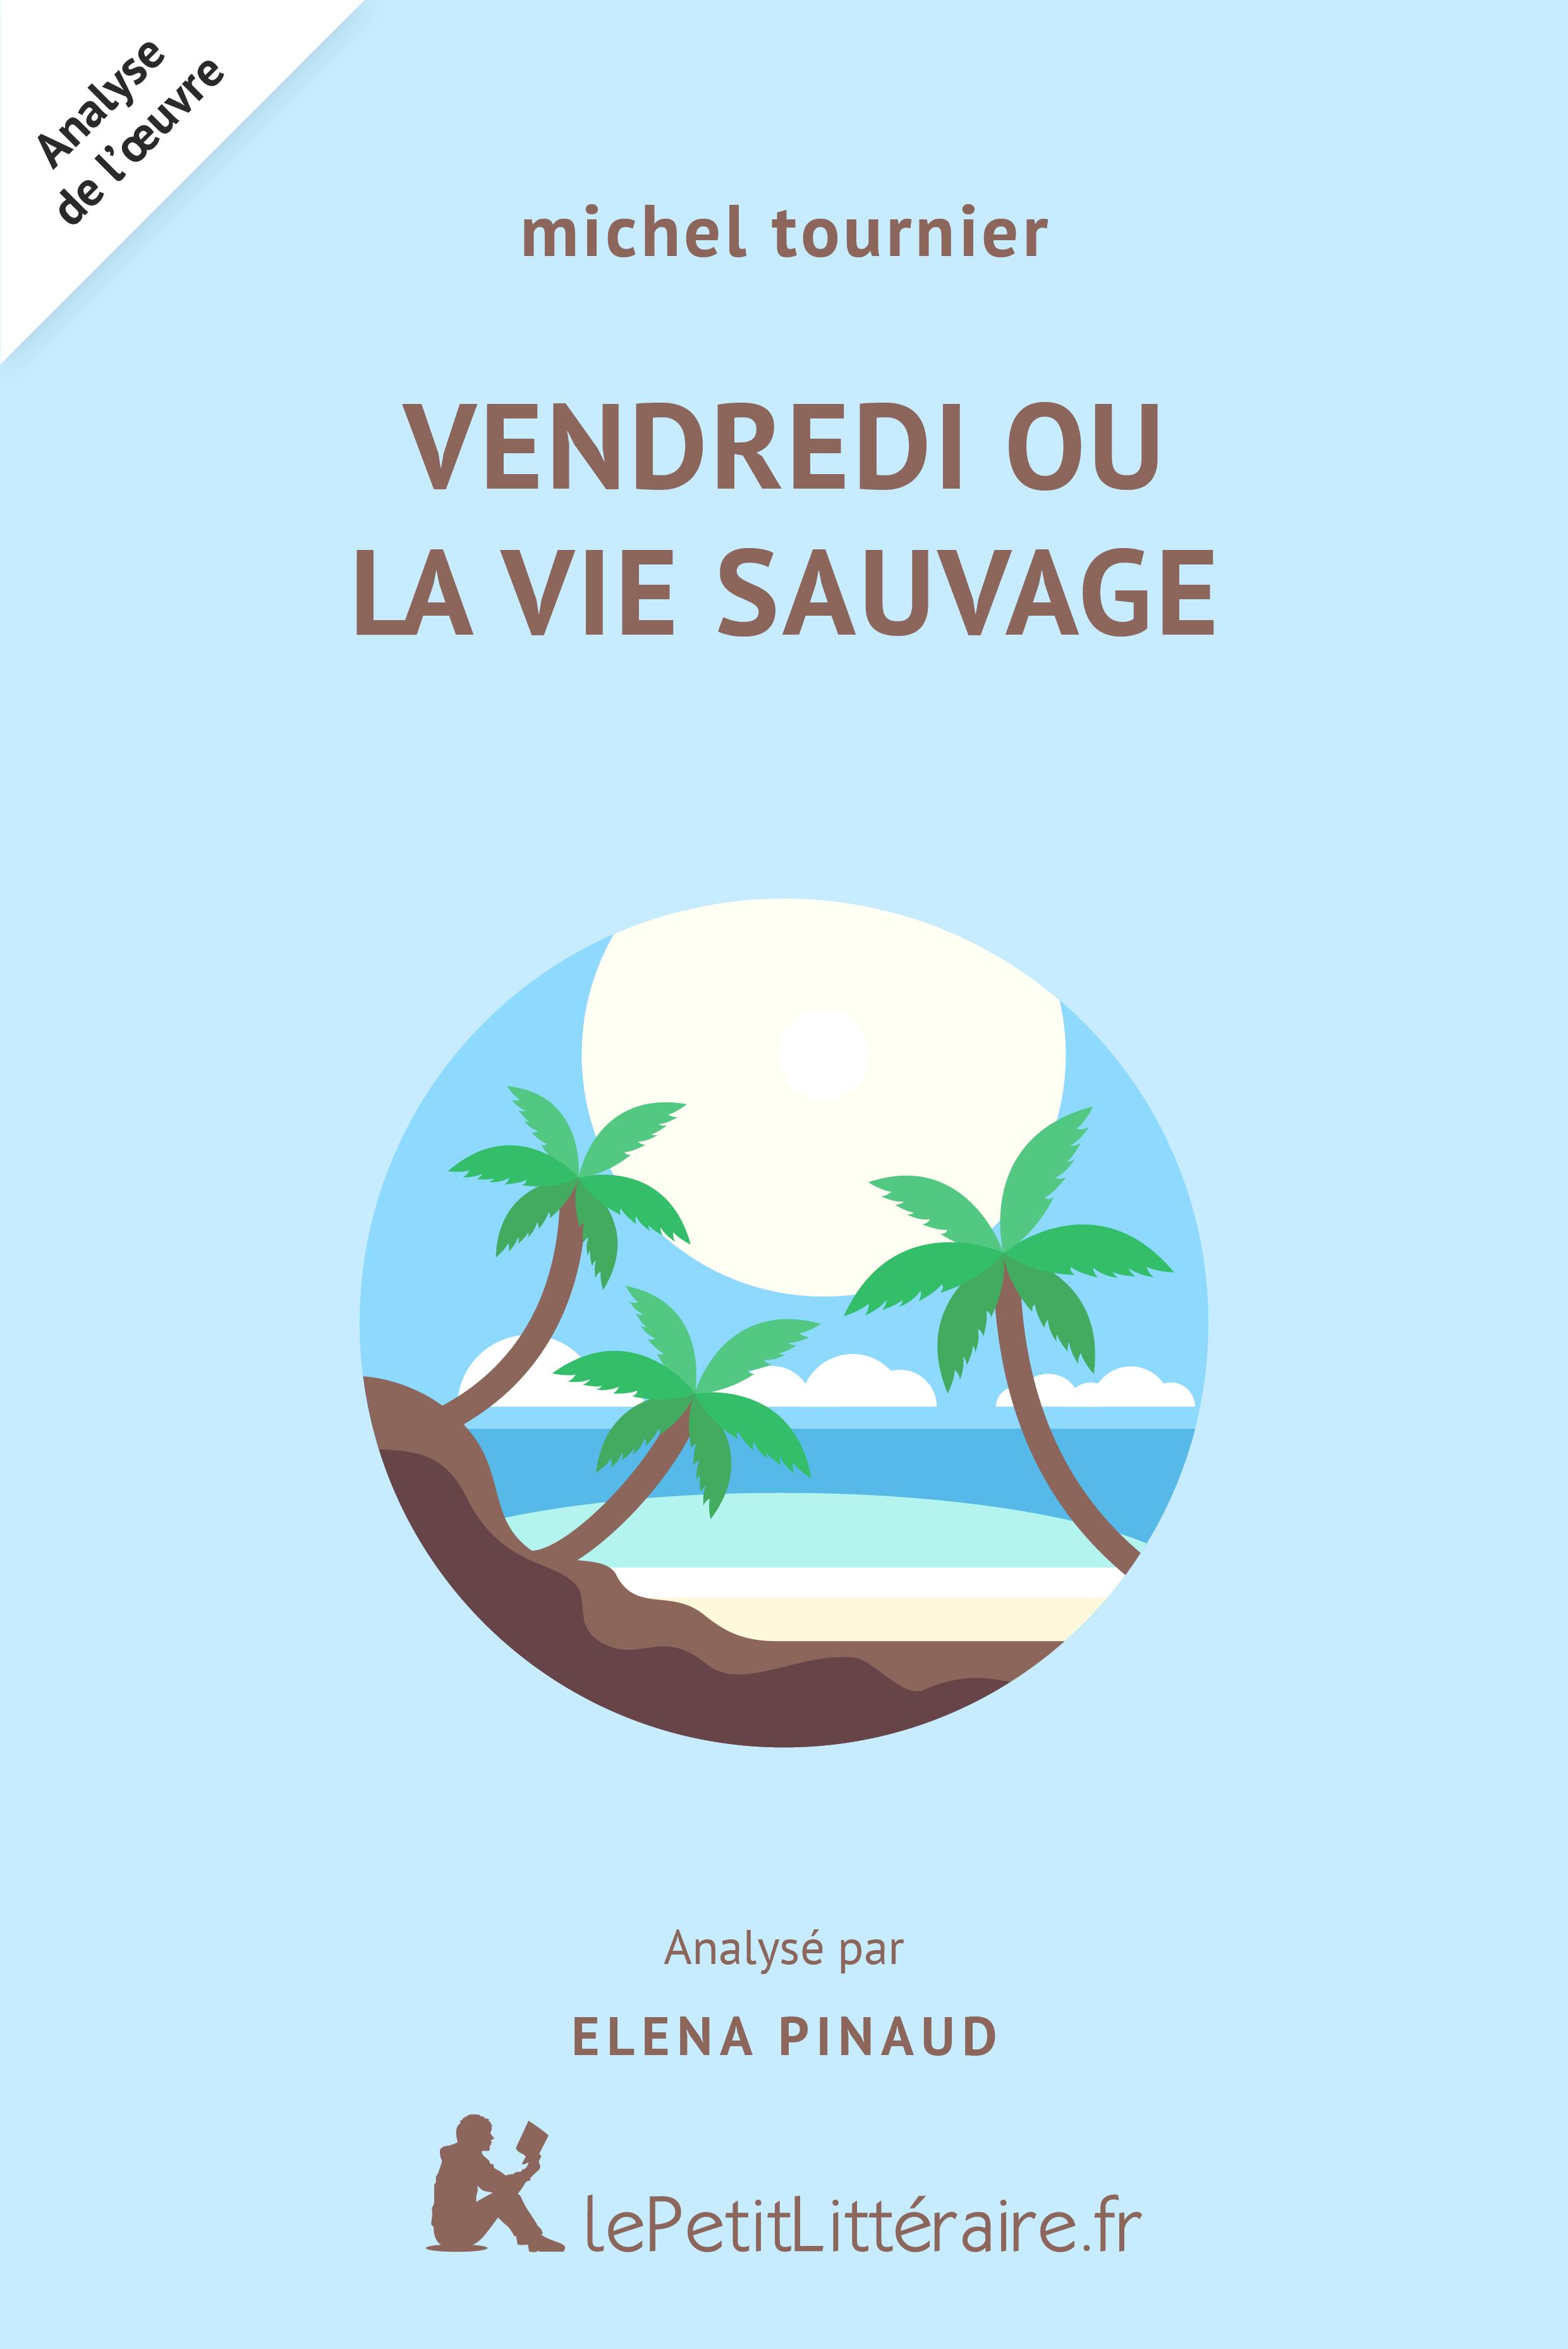 Lepetitlitteraire Fr Vendredi Ou La Vie Sauvage Michel